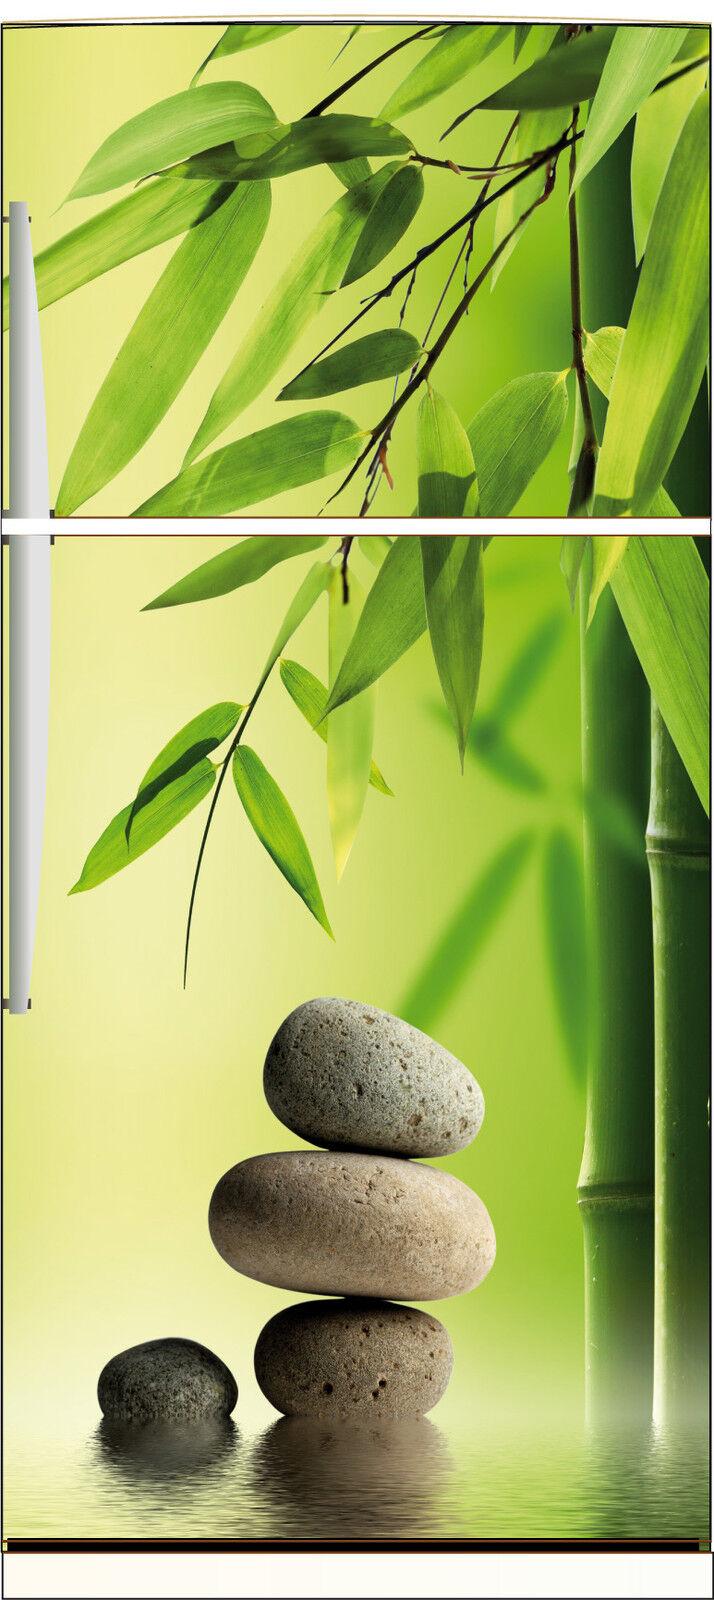 Adesivo Frigo Elettrodomestici Decocrazione Cucina Sassi Bambù 70x170cm Ref 537